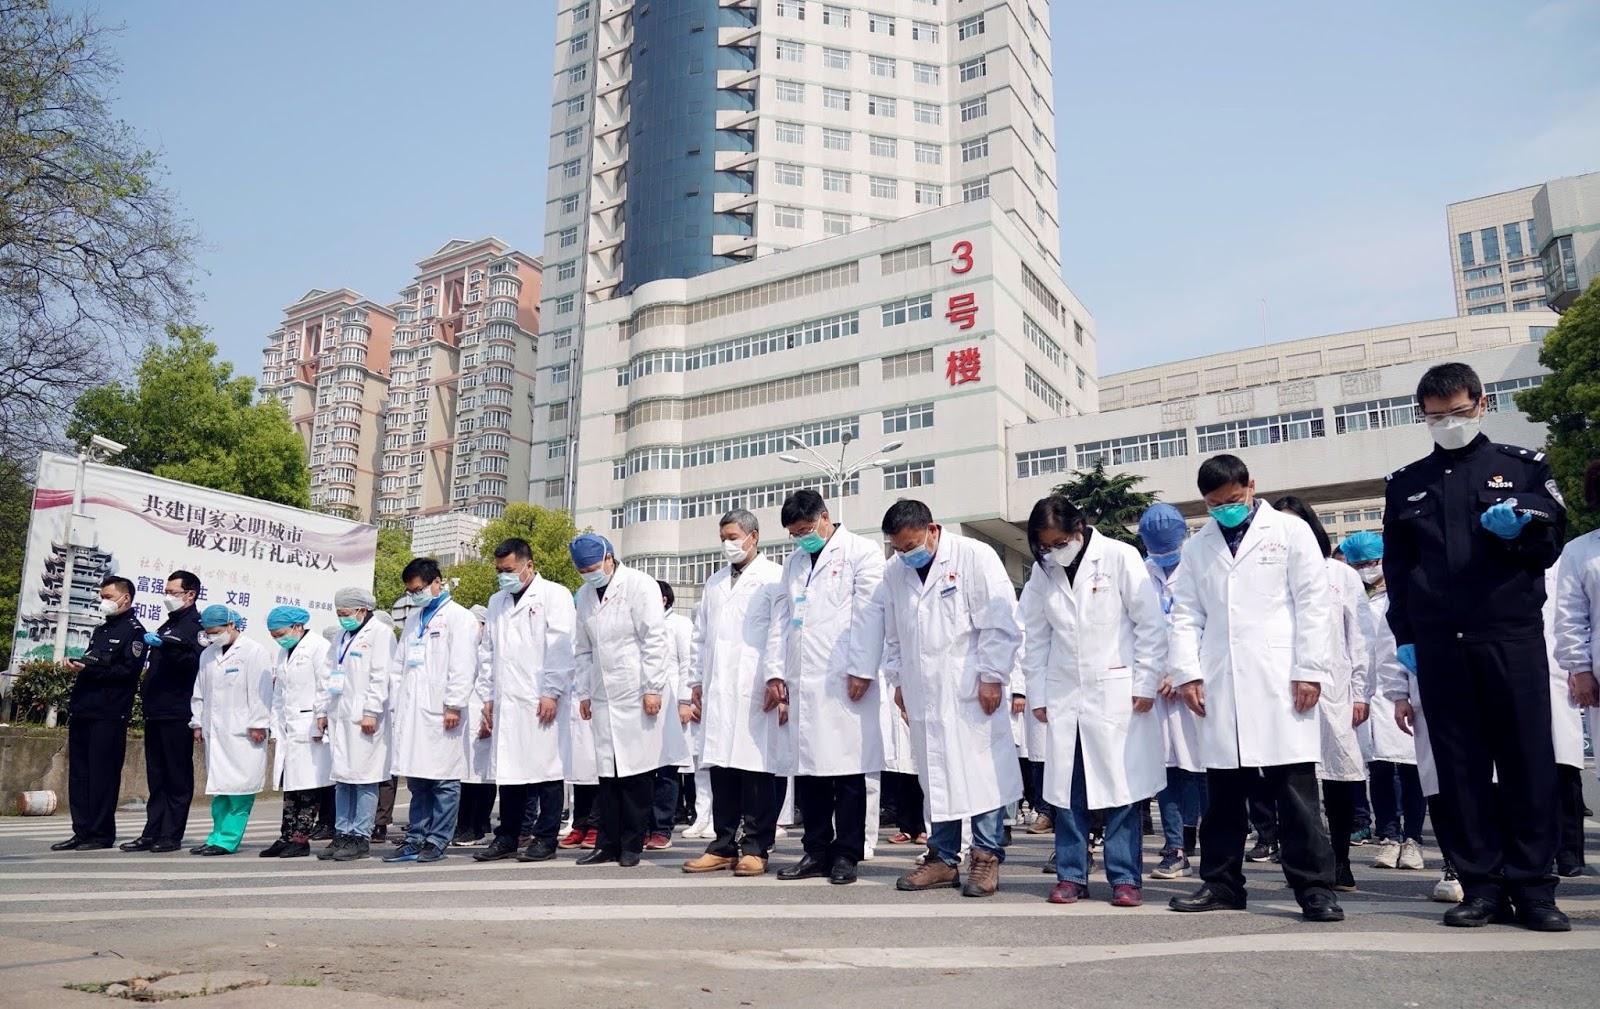 Semua Pasien Covid-19 Tinggalkan Rumah Sakit Wuhan